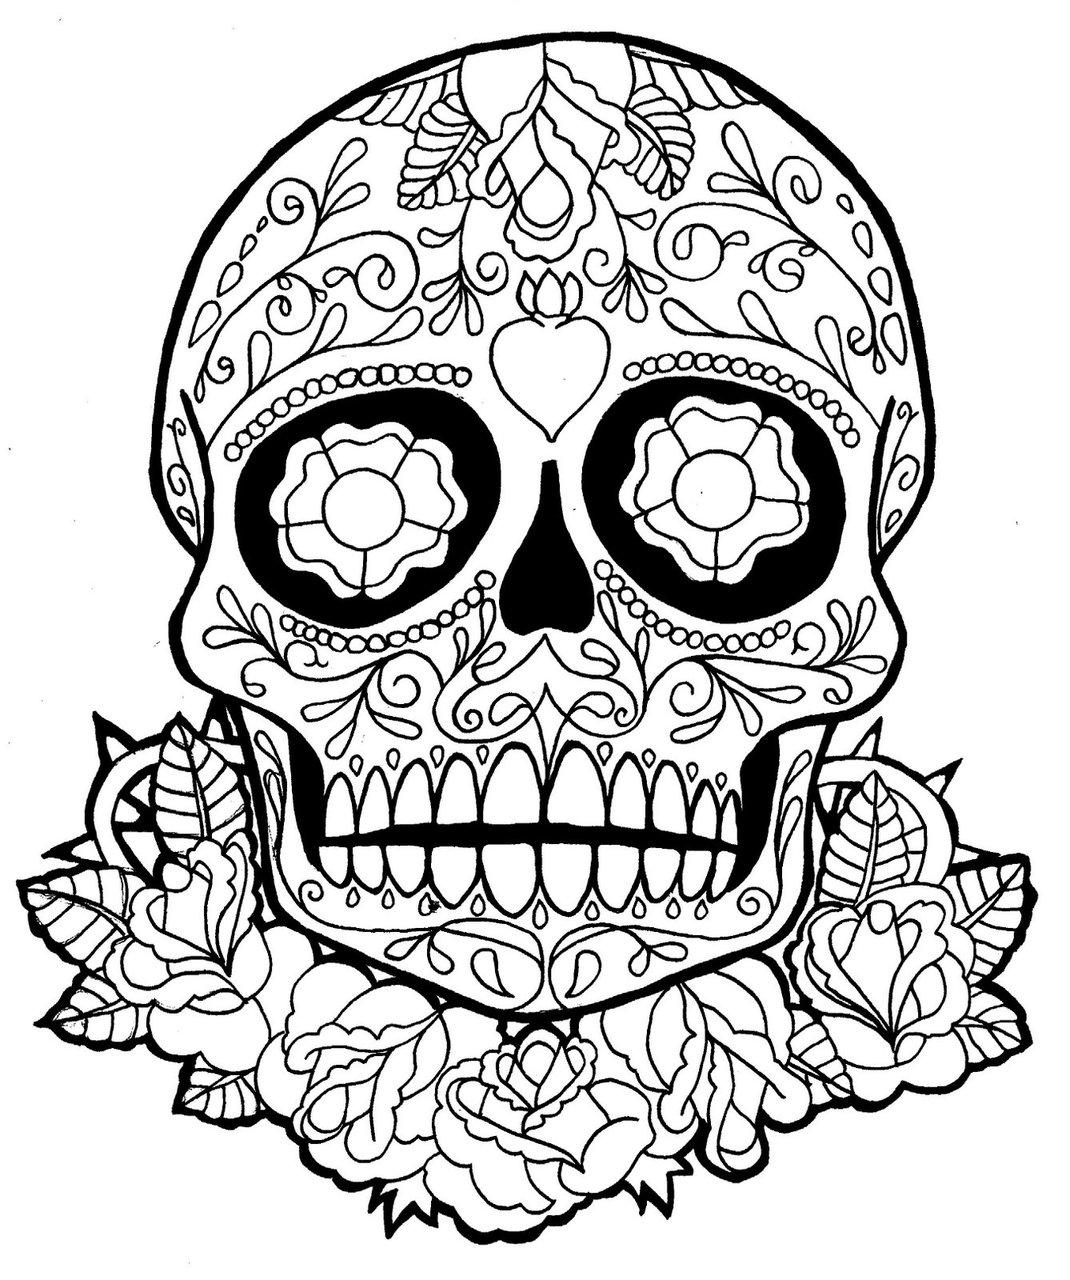 dia de los muertos printable coloring pages studio longoria dia de los muertos coloring sheet printable dia coloring muertos los pages de